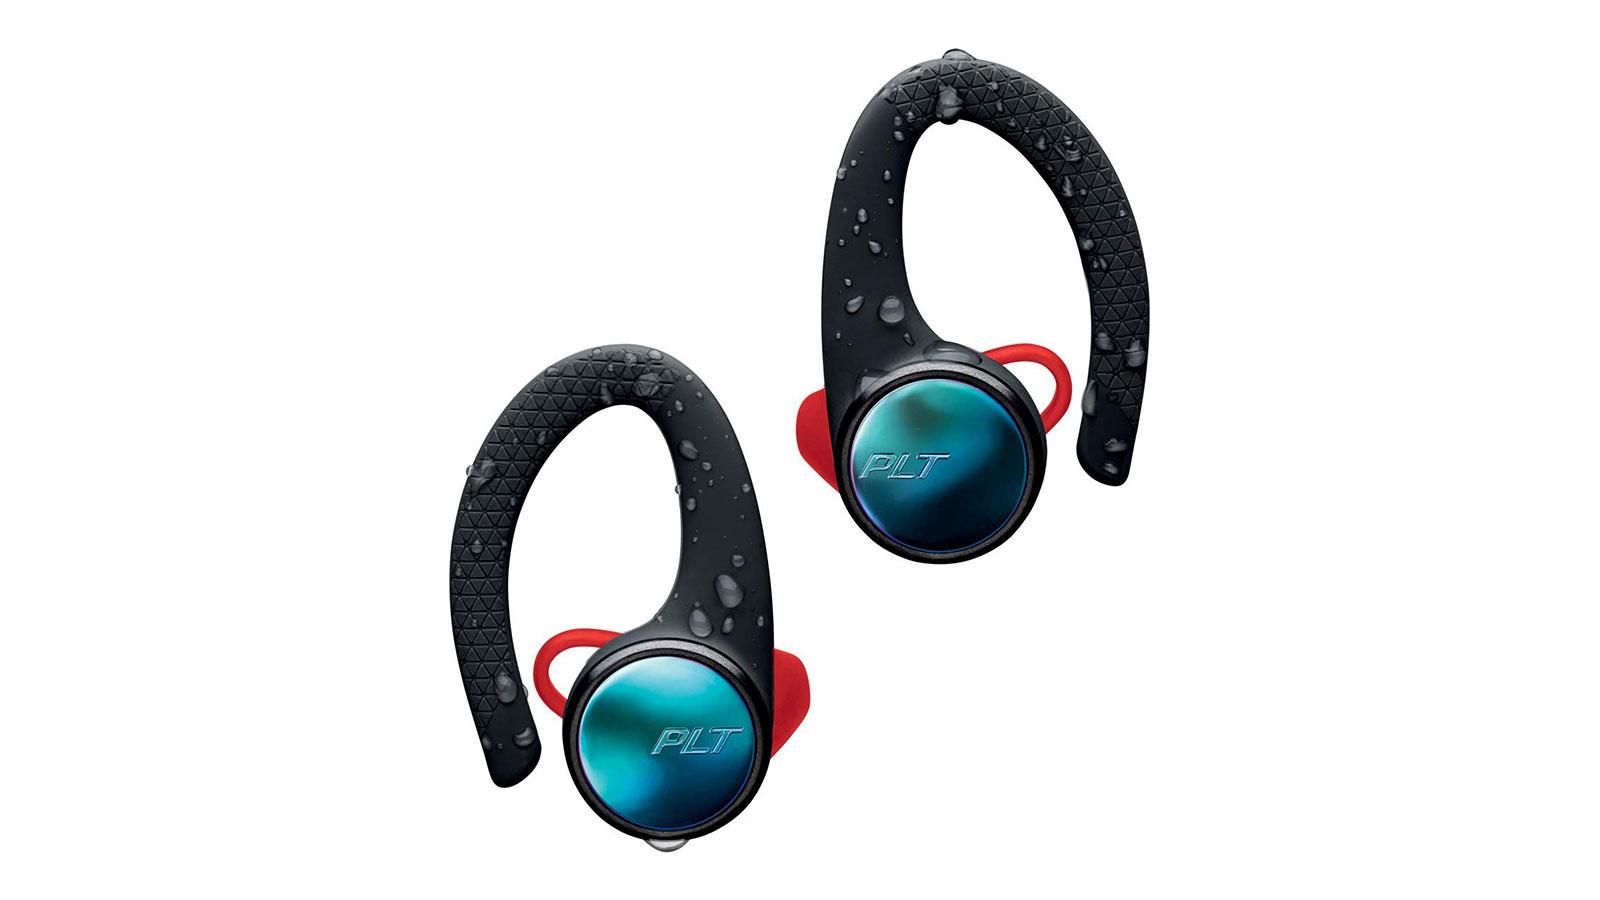 Meilleurs écouteurs bluetooth sport Comparatif 2020 | Clubic